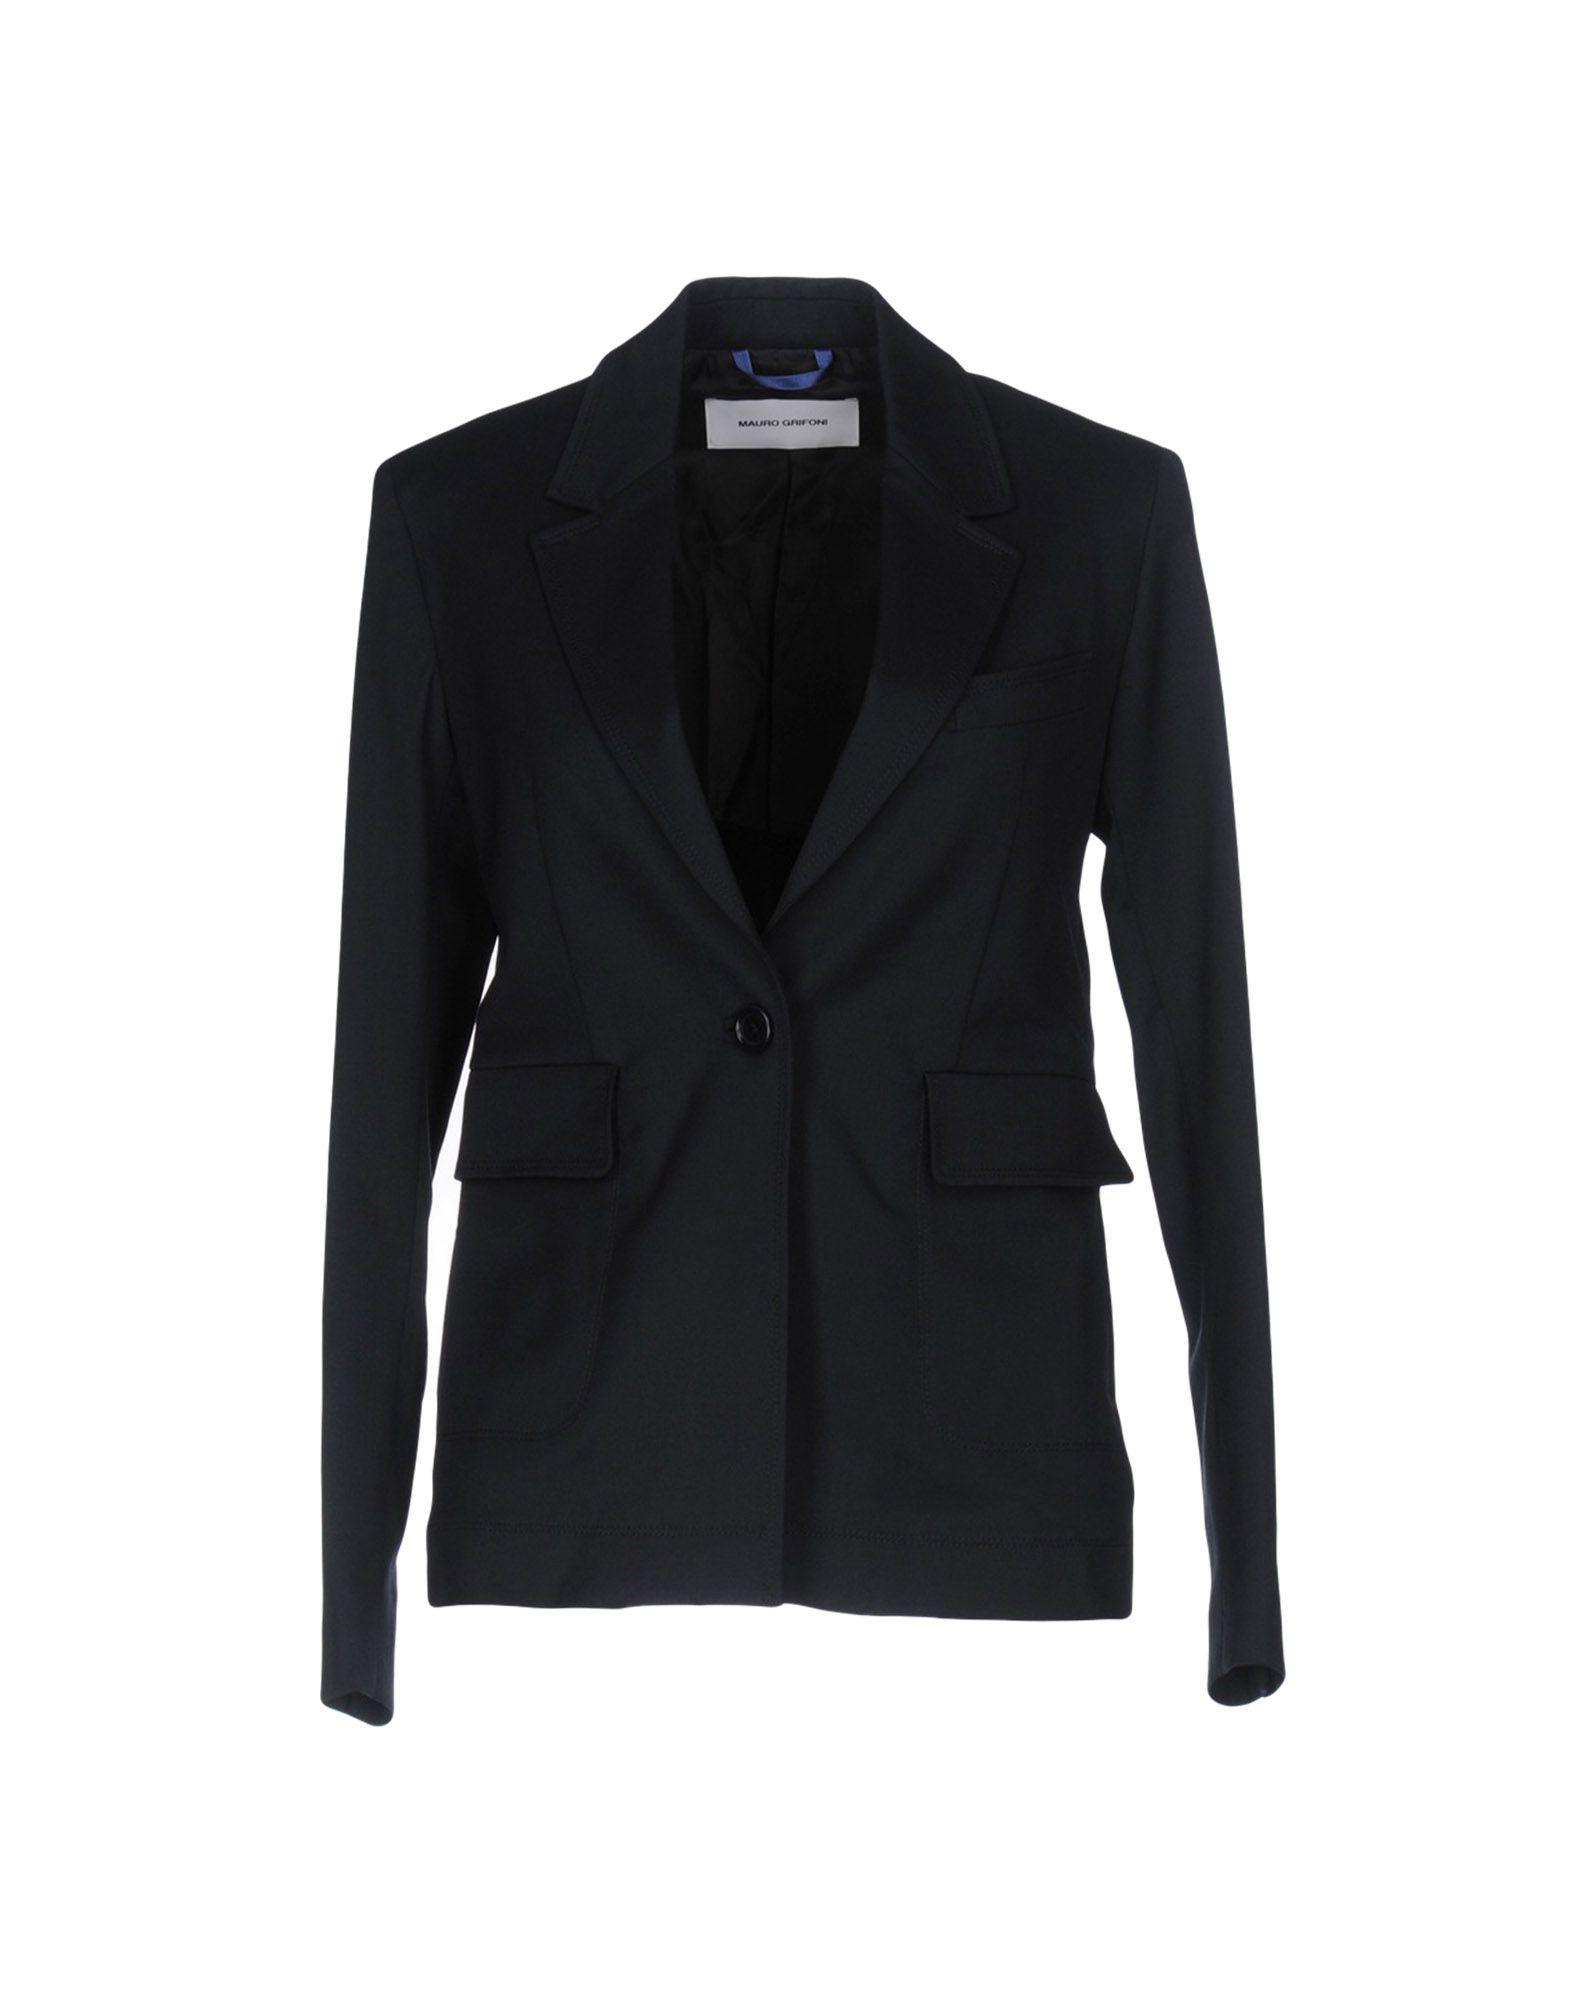 Κορυφαία προϊόντα για Ρούχα - Ακριβότερα Προϊόντα - Σελίδα 3926 ... 57d3d38e434